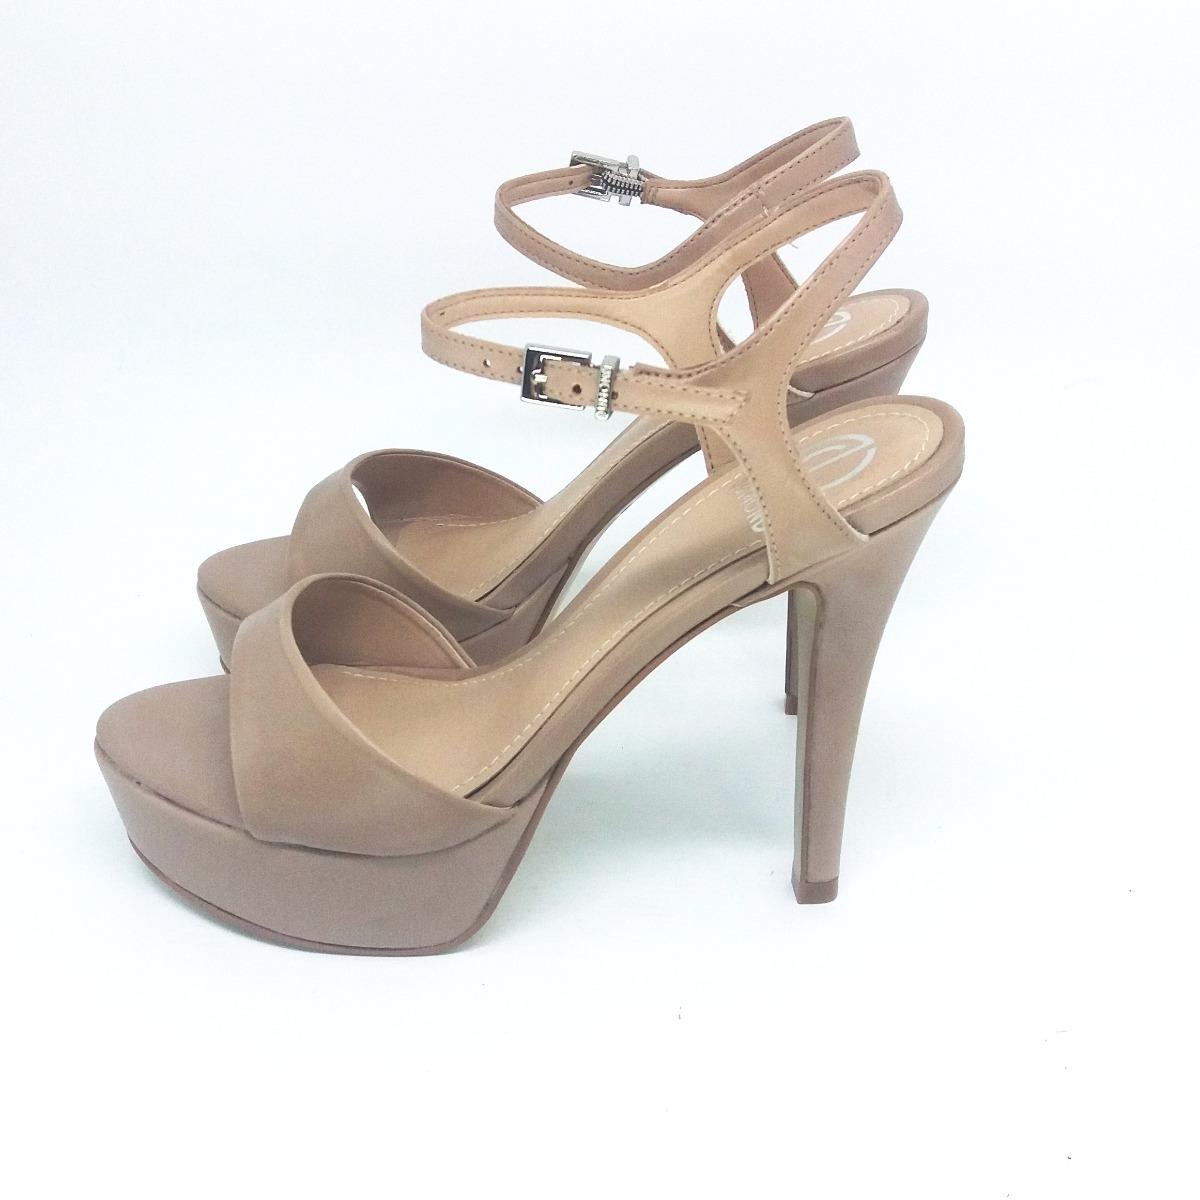 3789329624 sandália feminina salto plataforma dumond nude 4113798. Carregando zoom.